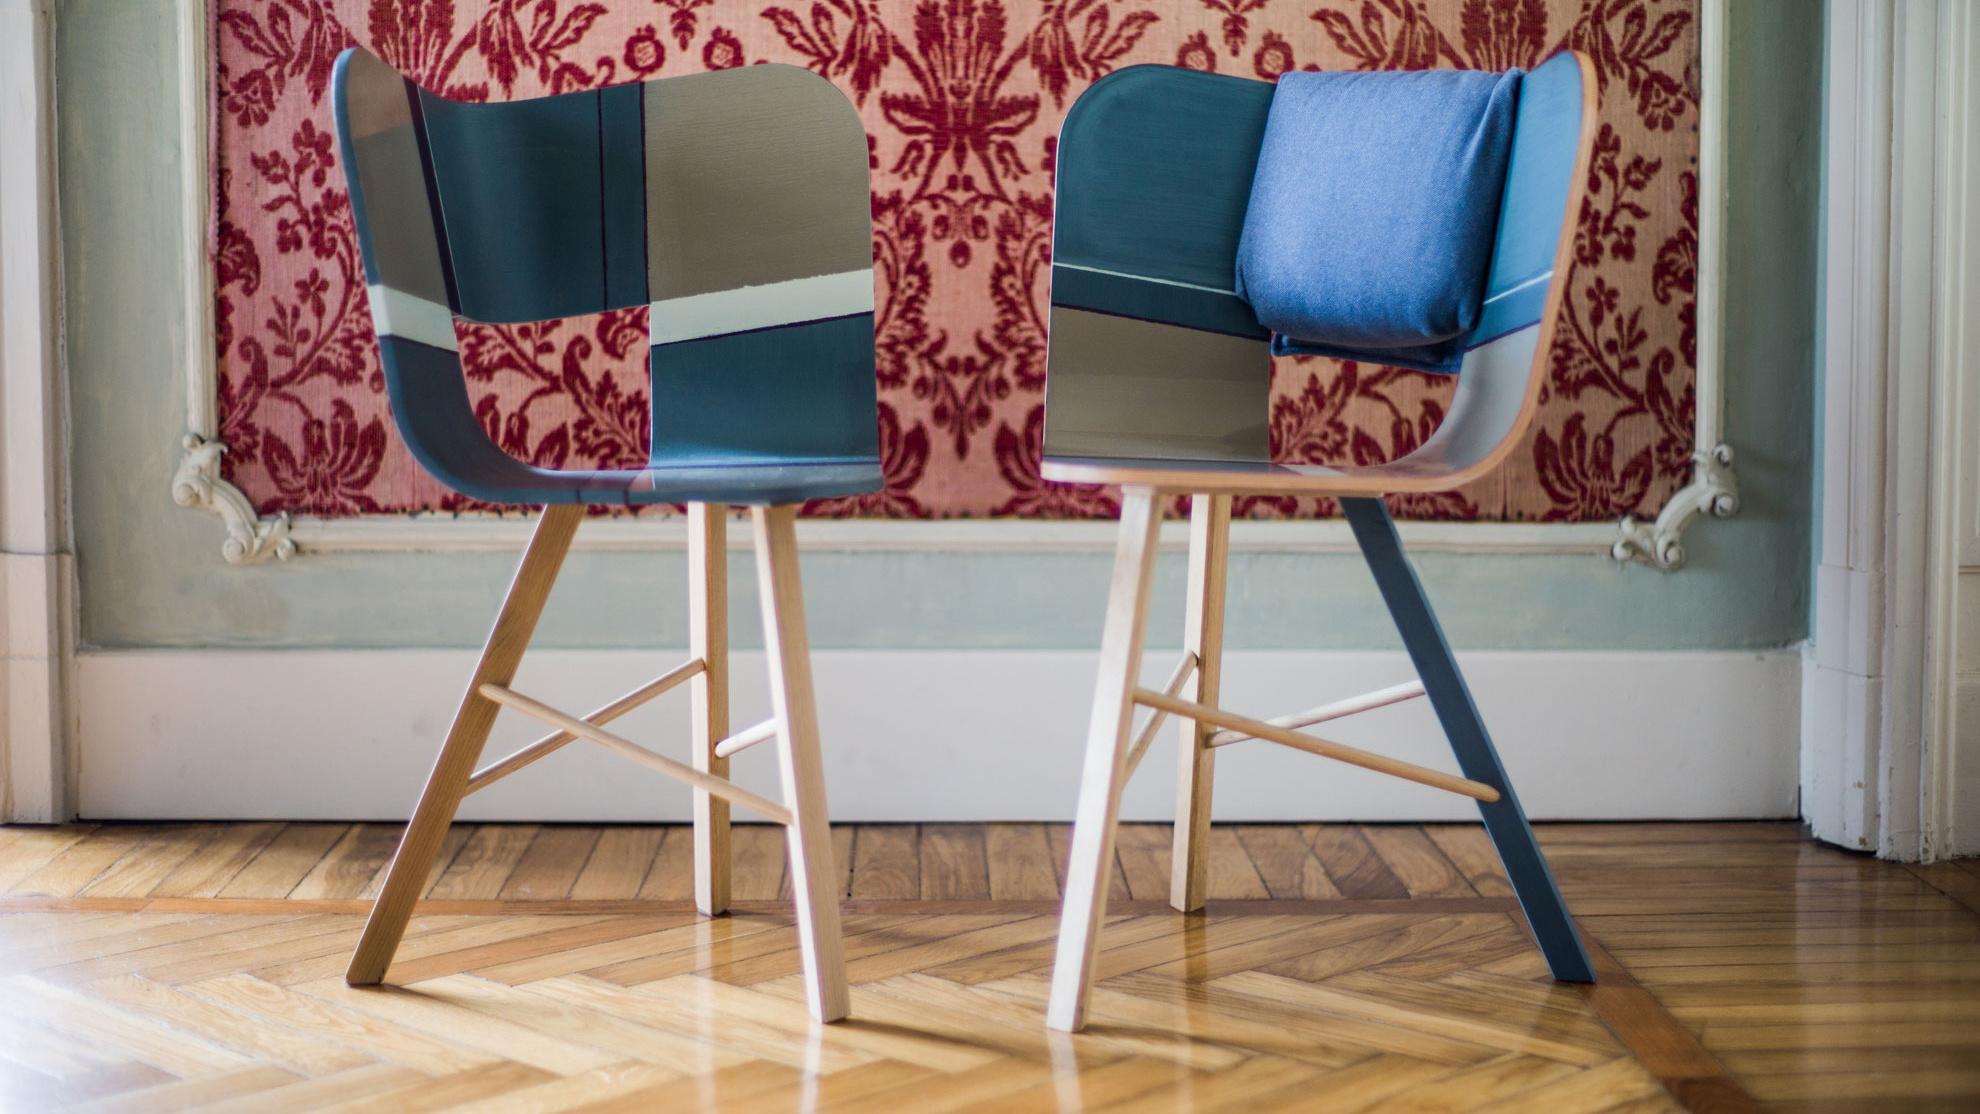 Tria 3 Chair with Cushion